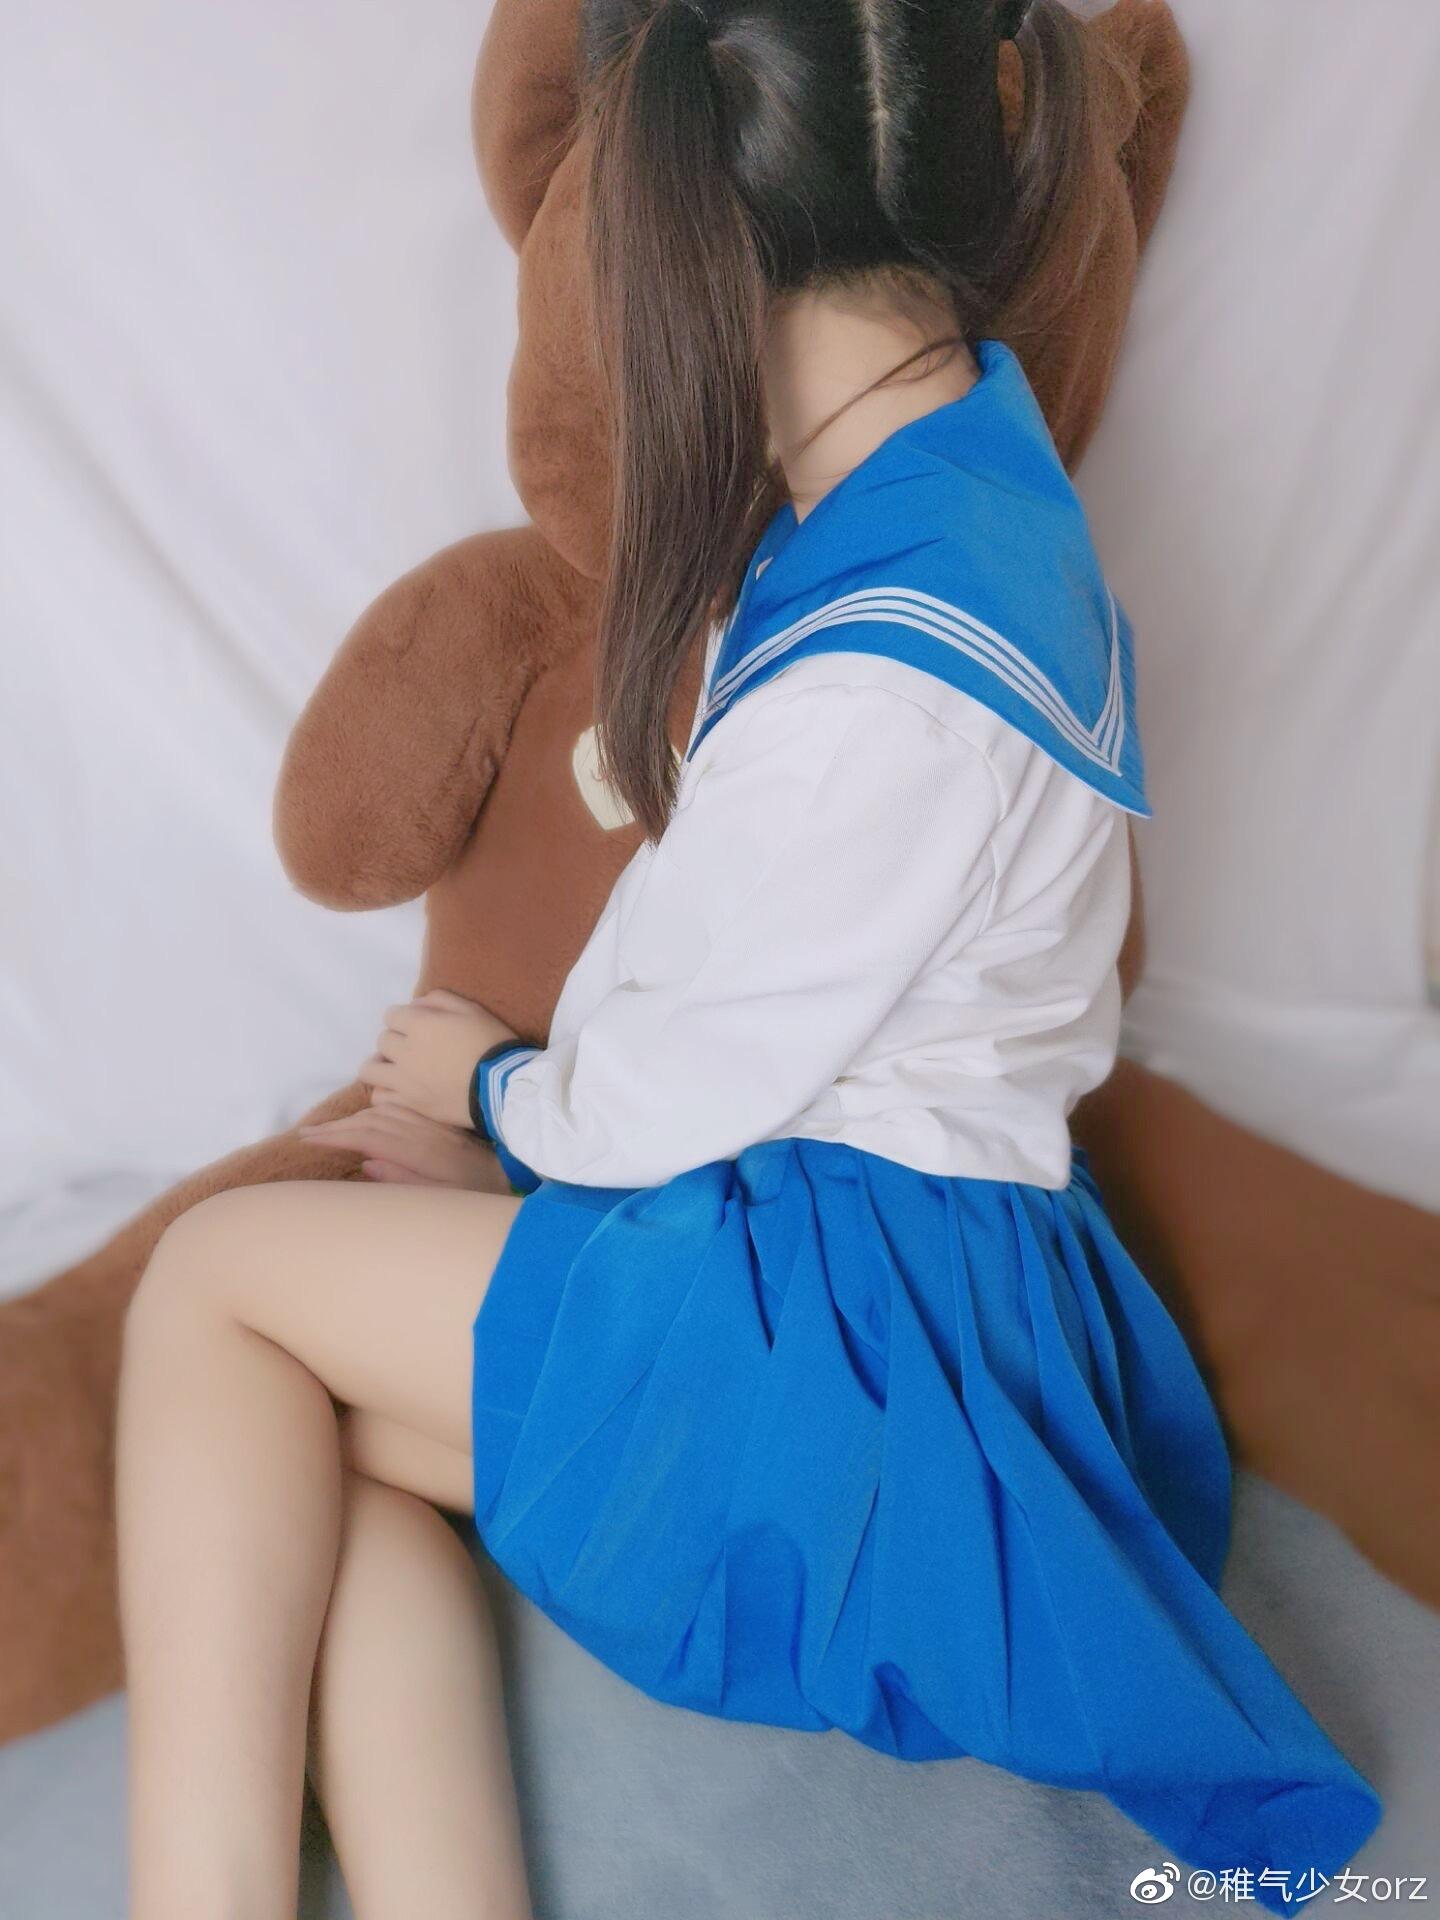 谁说男人花心的,我一直且永远喜欢穿制服的双马尾少女